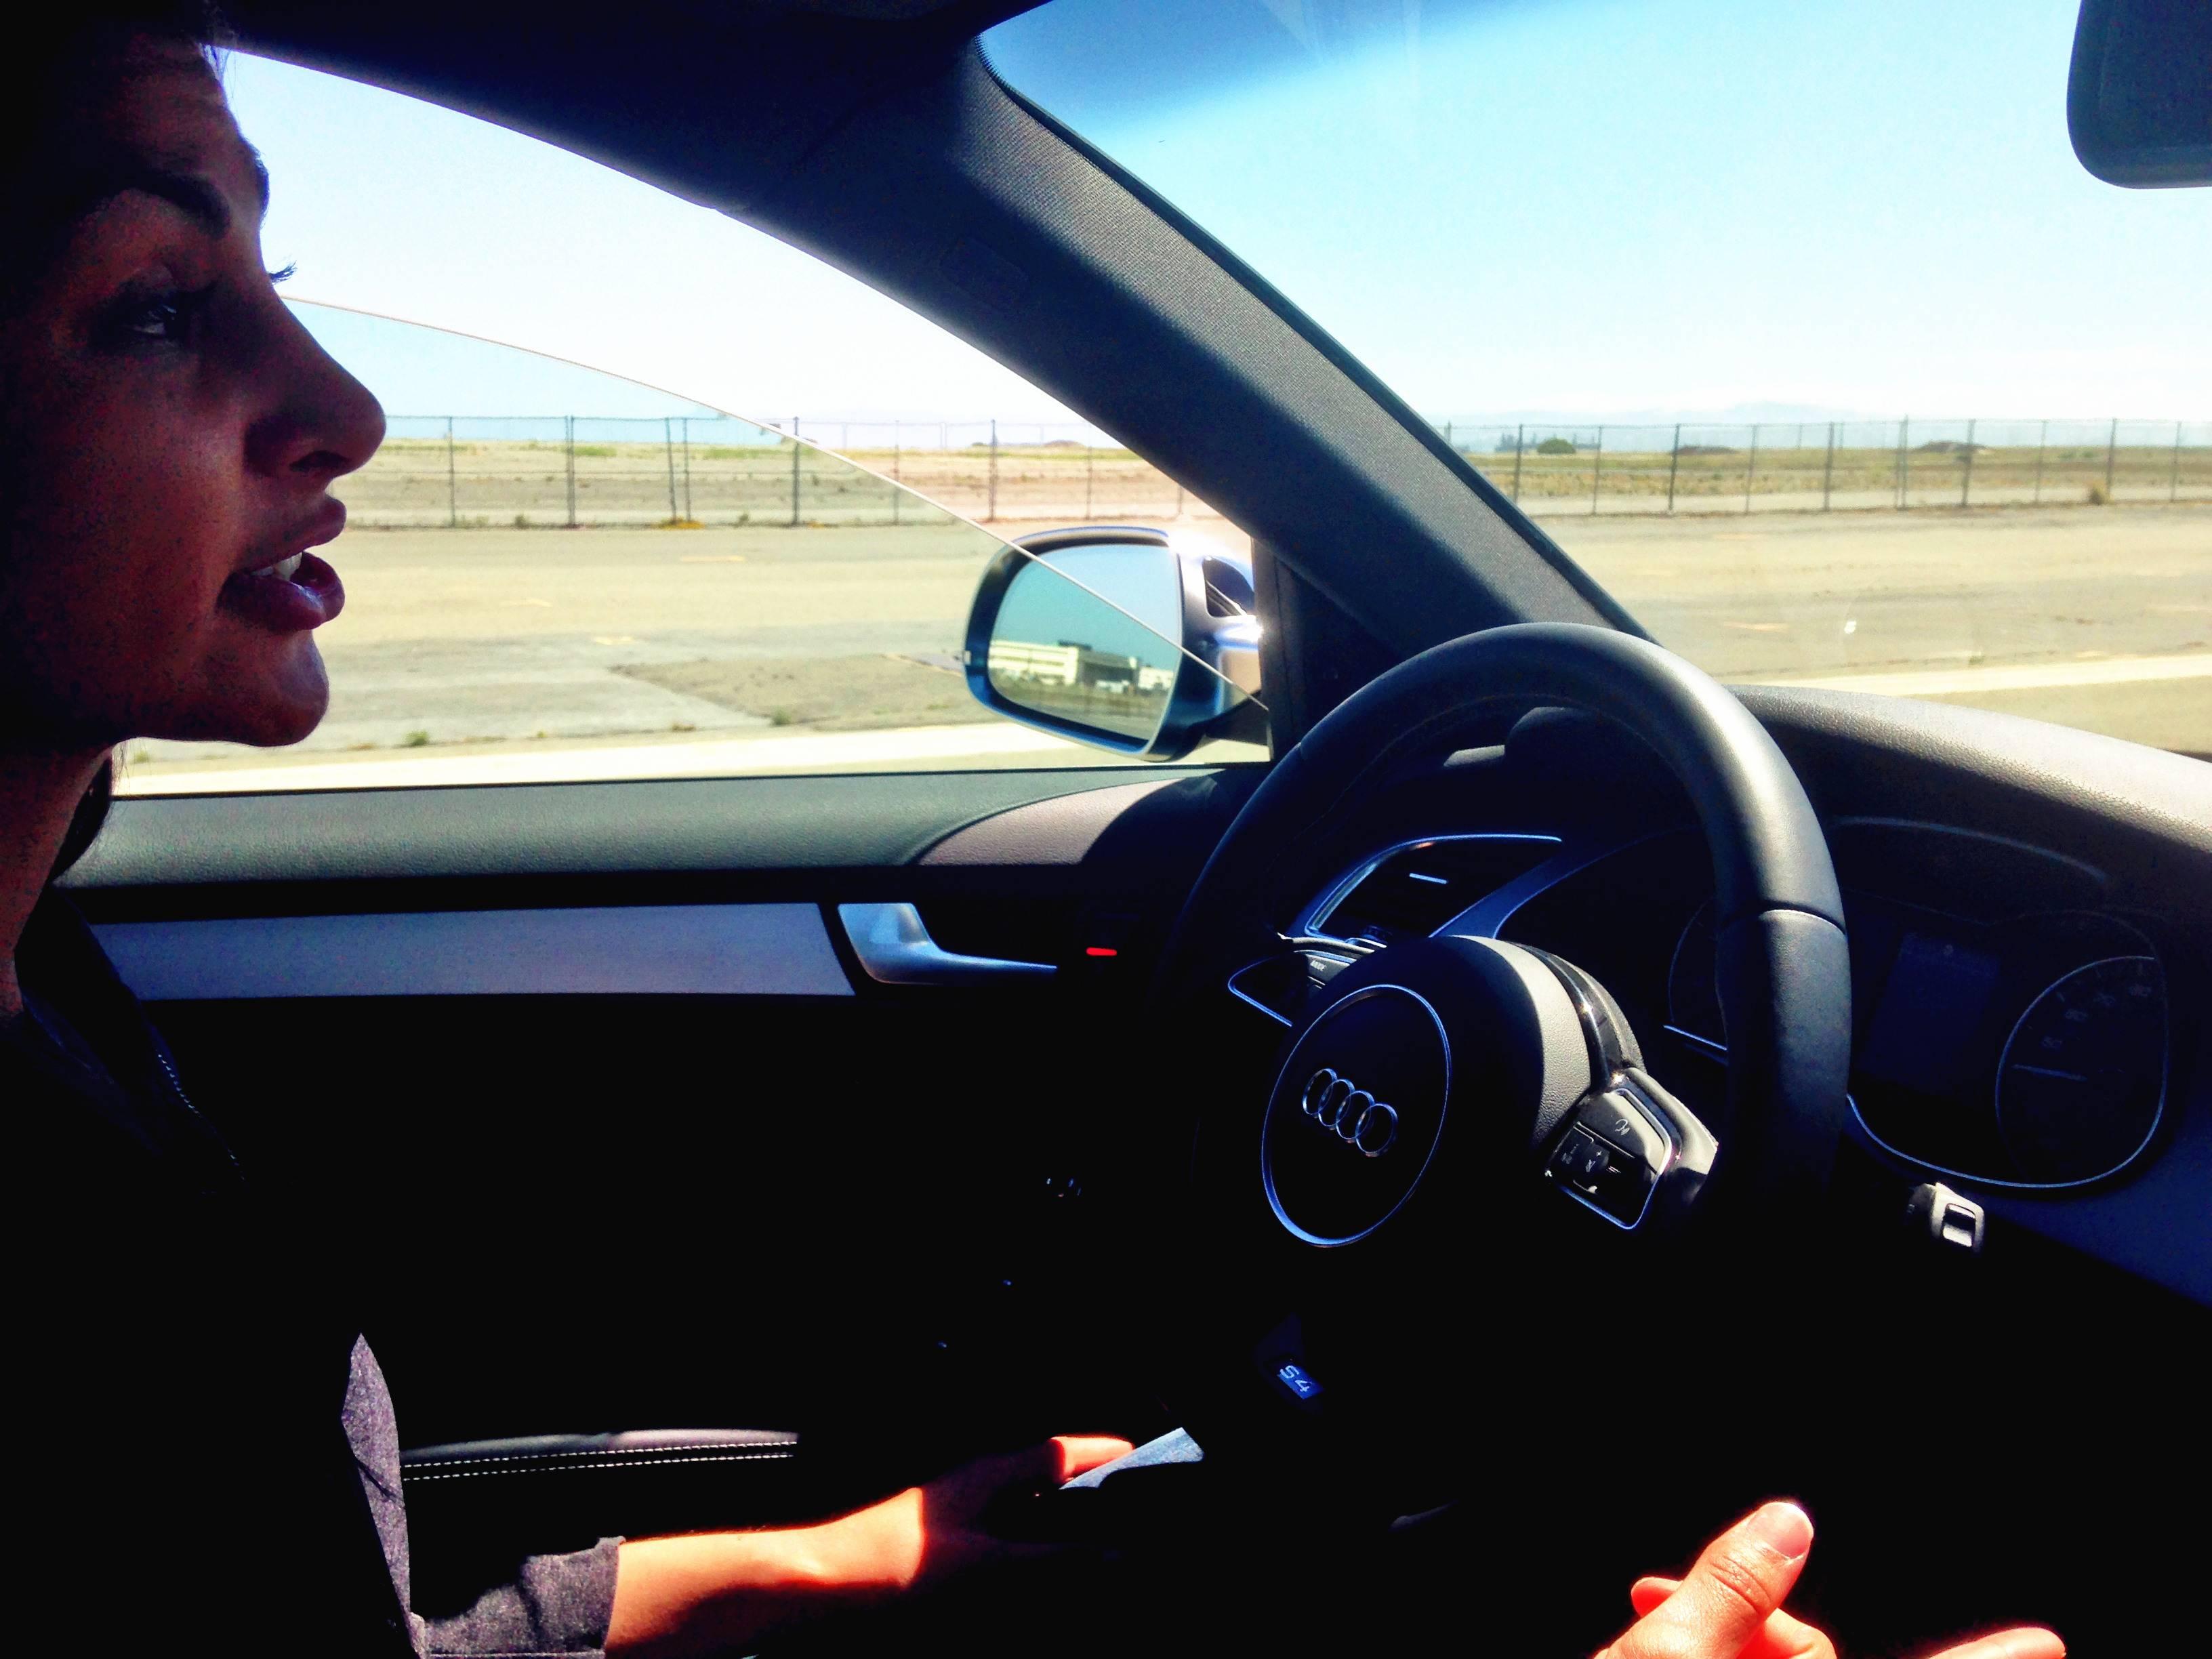 汽车加速后Cuise的演示人员的双手远离就远离了方向盘